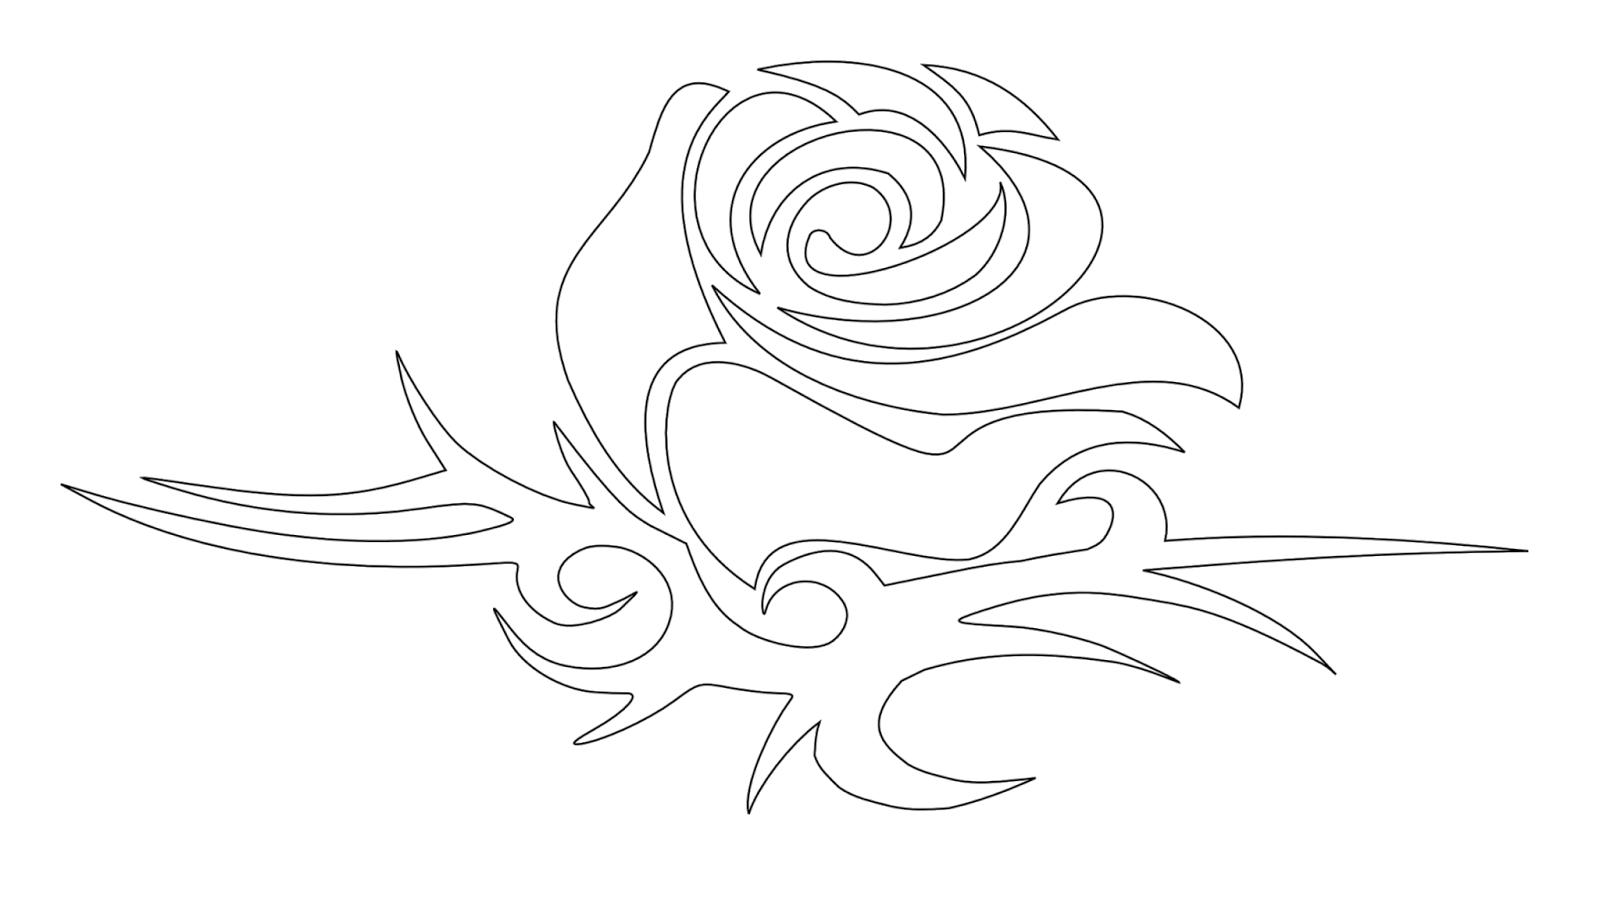 Rose bud tribal tattoo stencil